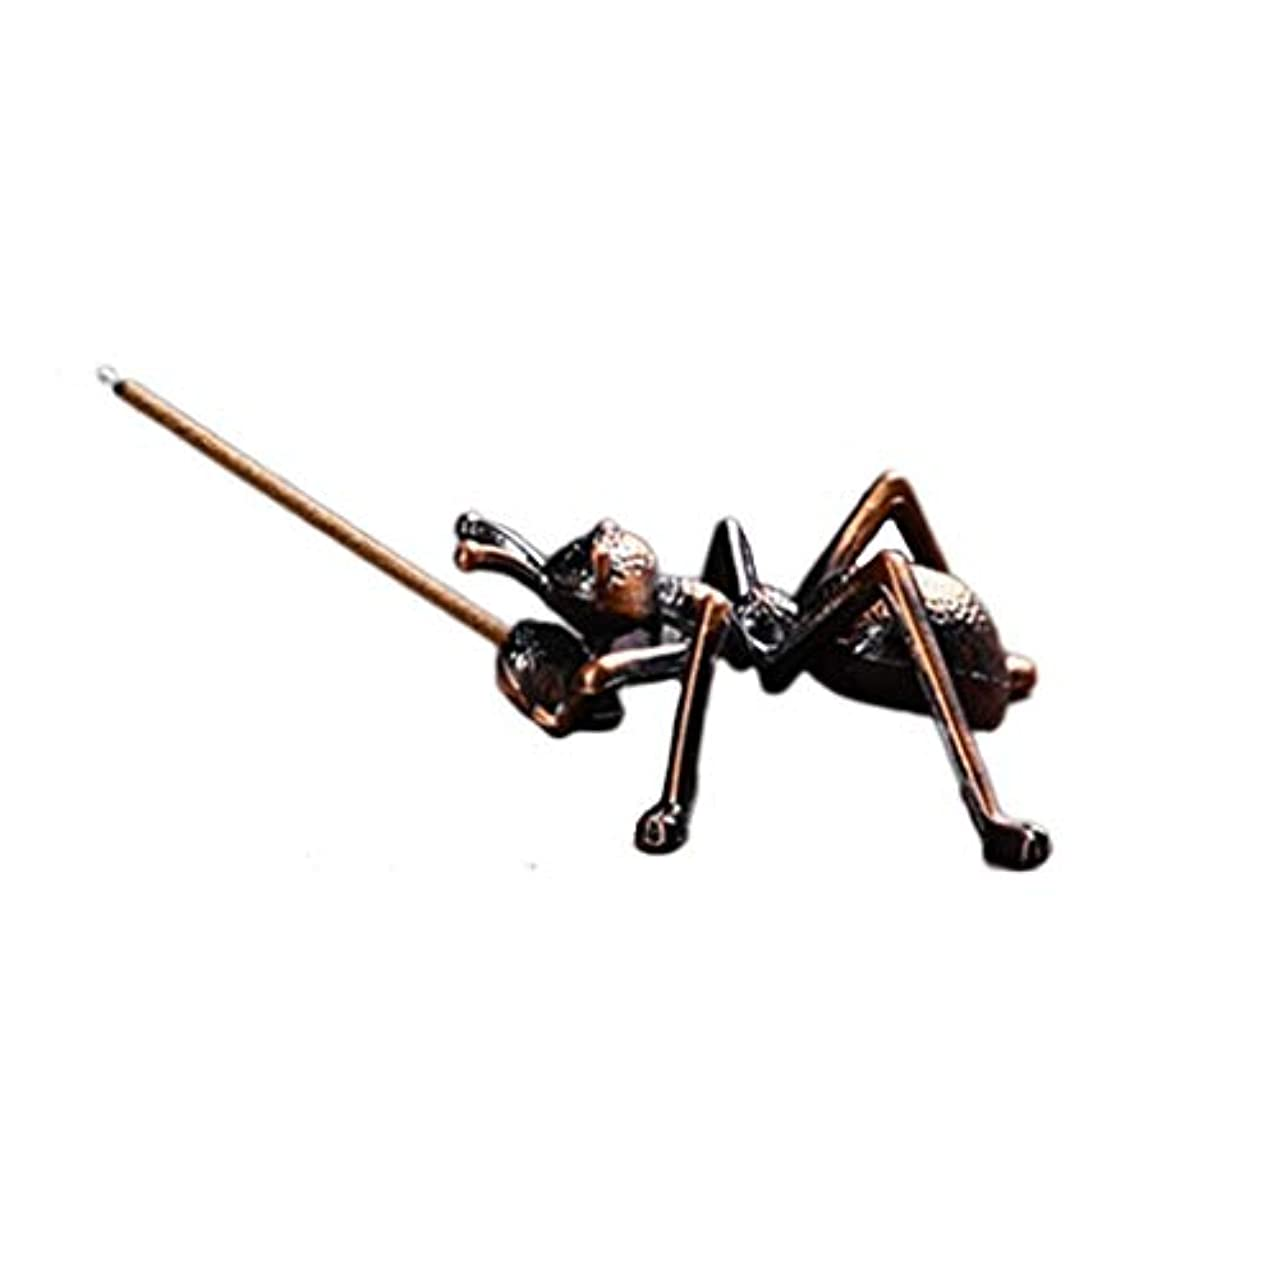 約束する明らかに土器合金蟻香バーナーミニ線香ホルダー小さな香バーナーホルダーホームデコレーション香オイルバーナー (Color : Brown, サイズ : 1.96*0.86inchs)